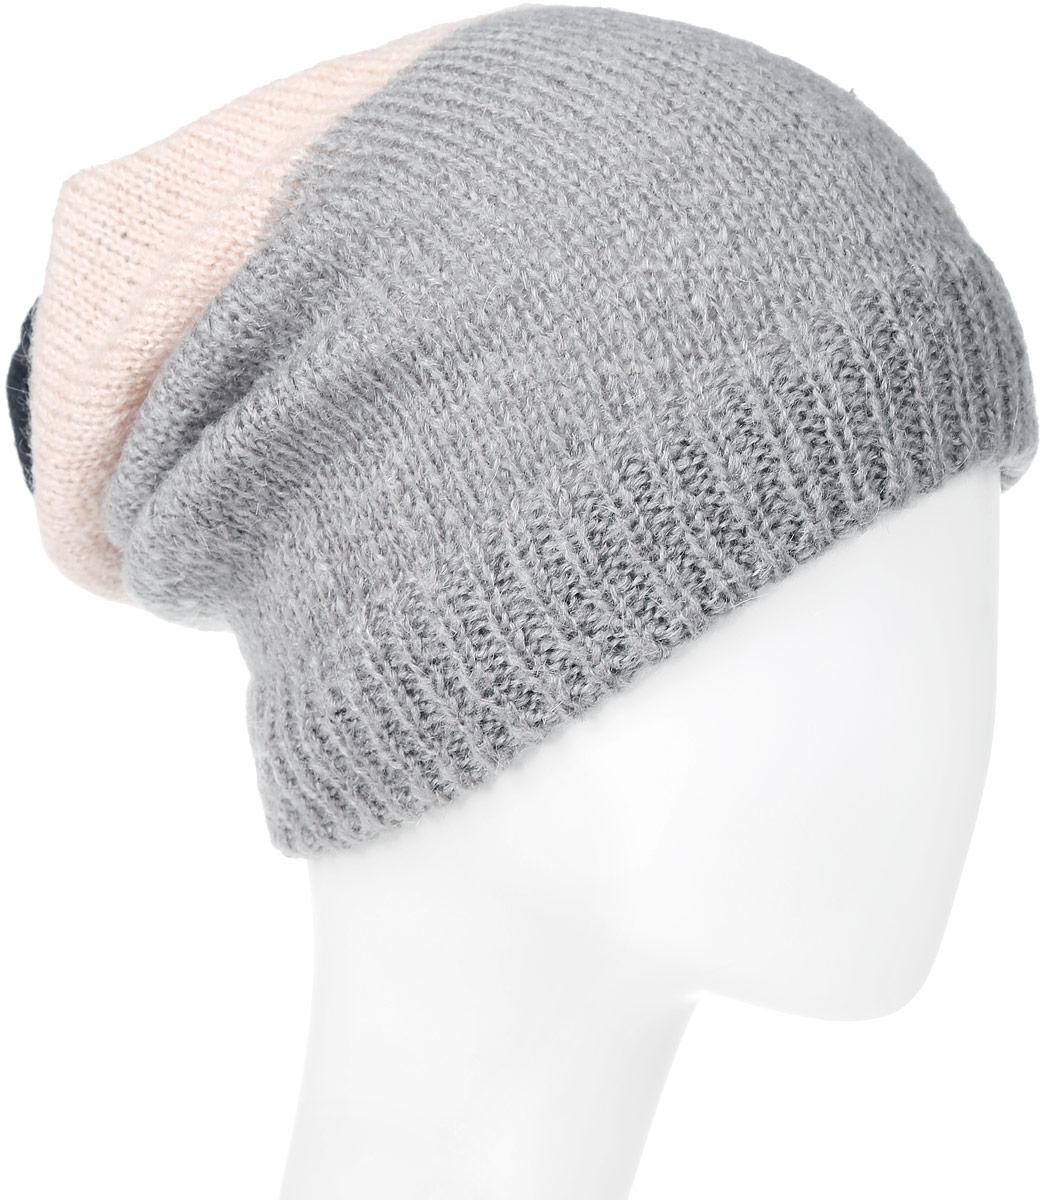 Шапка женская Wrangler, цвет: черный, серый, розовый. W0M11UGRJ. Размер 56W0M11UGRJЖенская шапка Wrangler выполнена из сочетания акрила, полиамида, мохера и шерсти. Модель оформлена мелкой вязкой контрастных цветов. По низу изделие дополнено вязаной резинкой.Уважаемые клиенты!Размер, доступный для заказа,является обхватом головы.